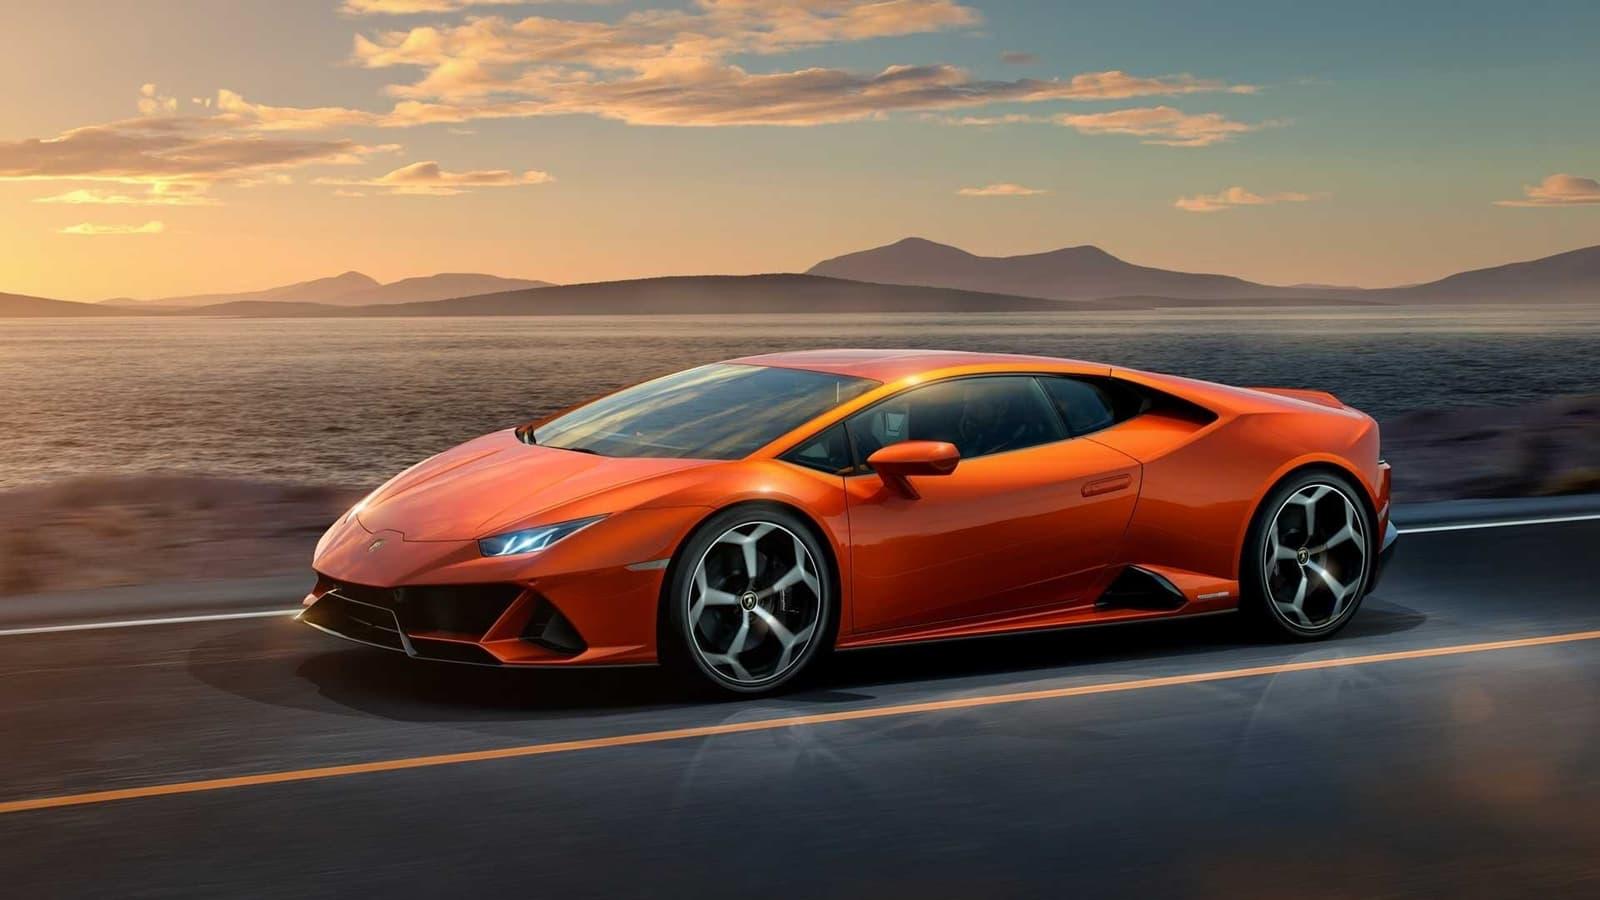 Fotos Y Datos Del Nuevo Lamborghini Huracán Evo Diariomotor